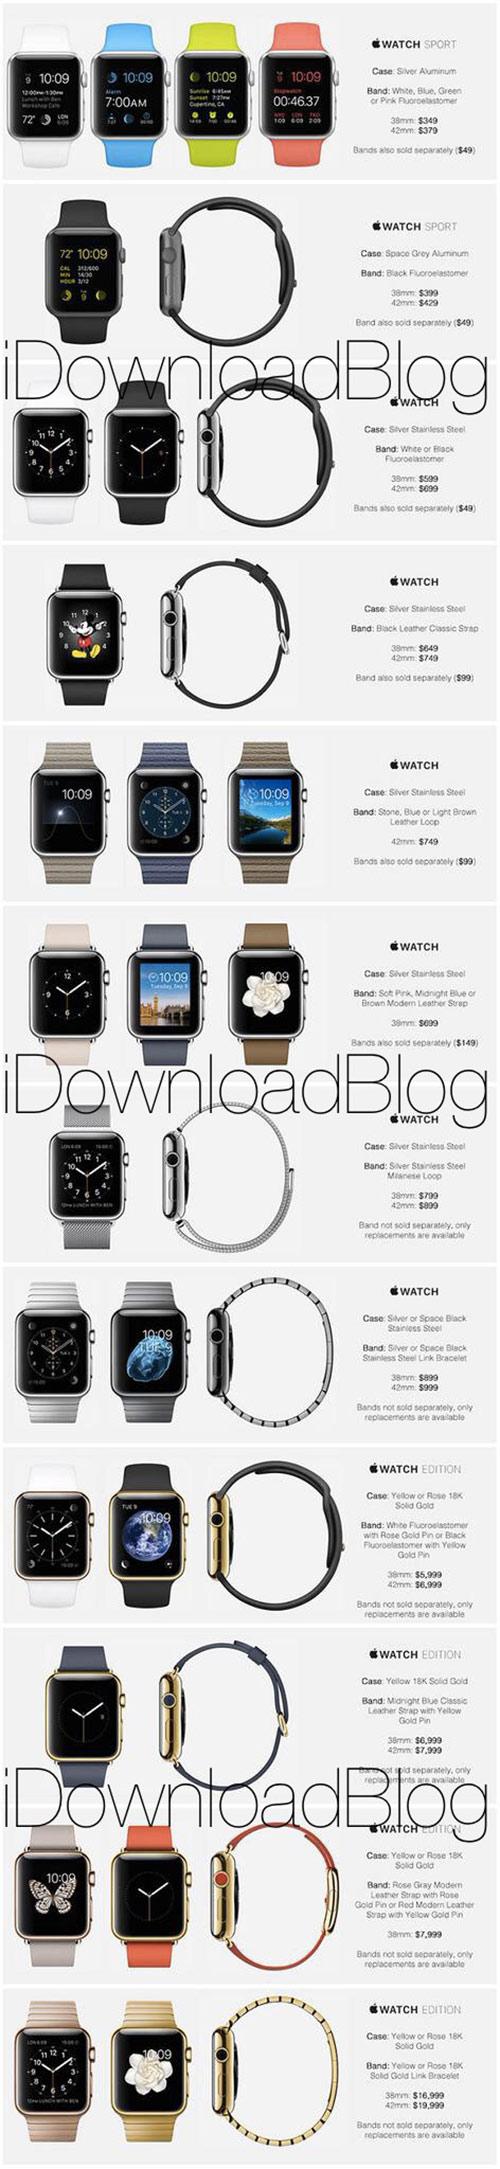 apple-watch-les-prix-sont-la